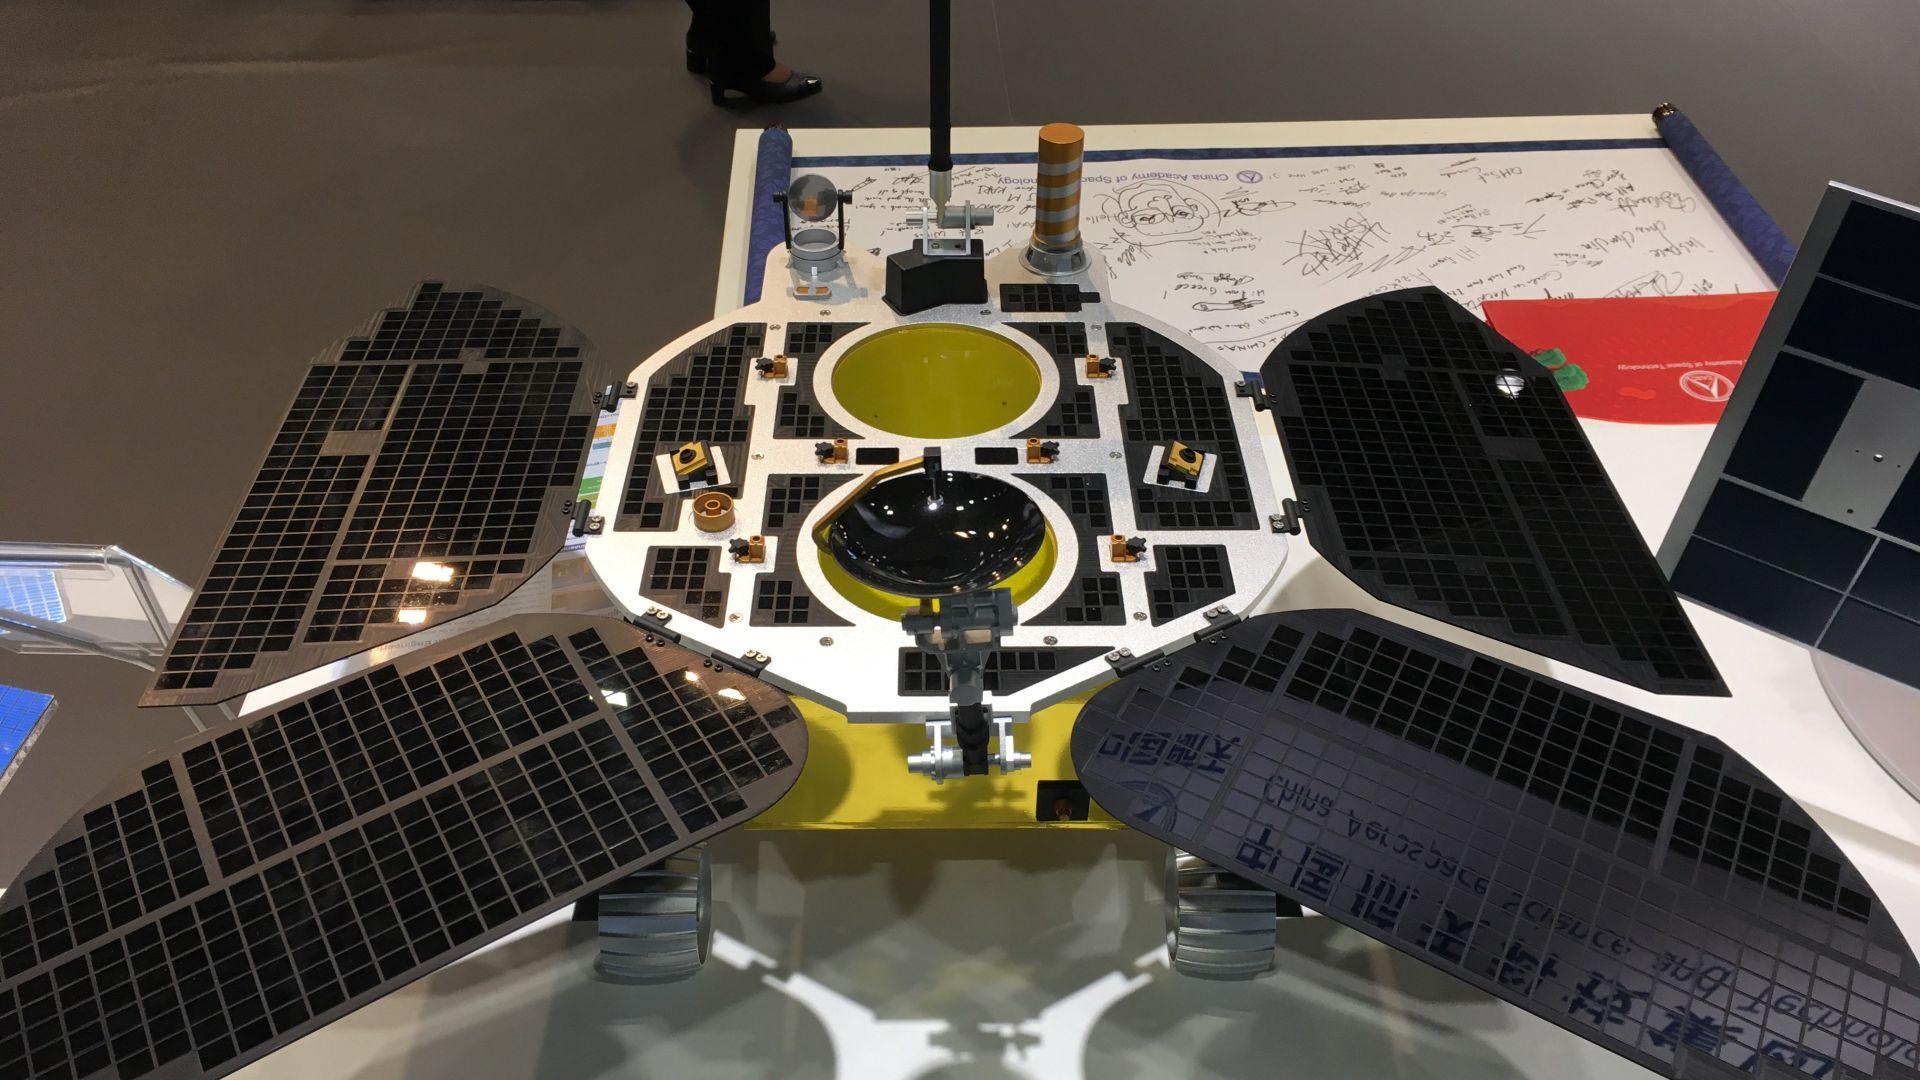 Първия китайски марсоход e готов за изстрелване